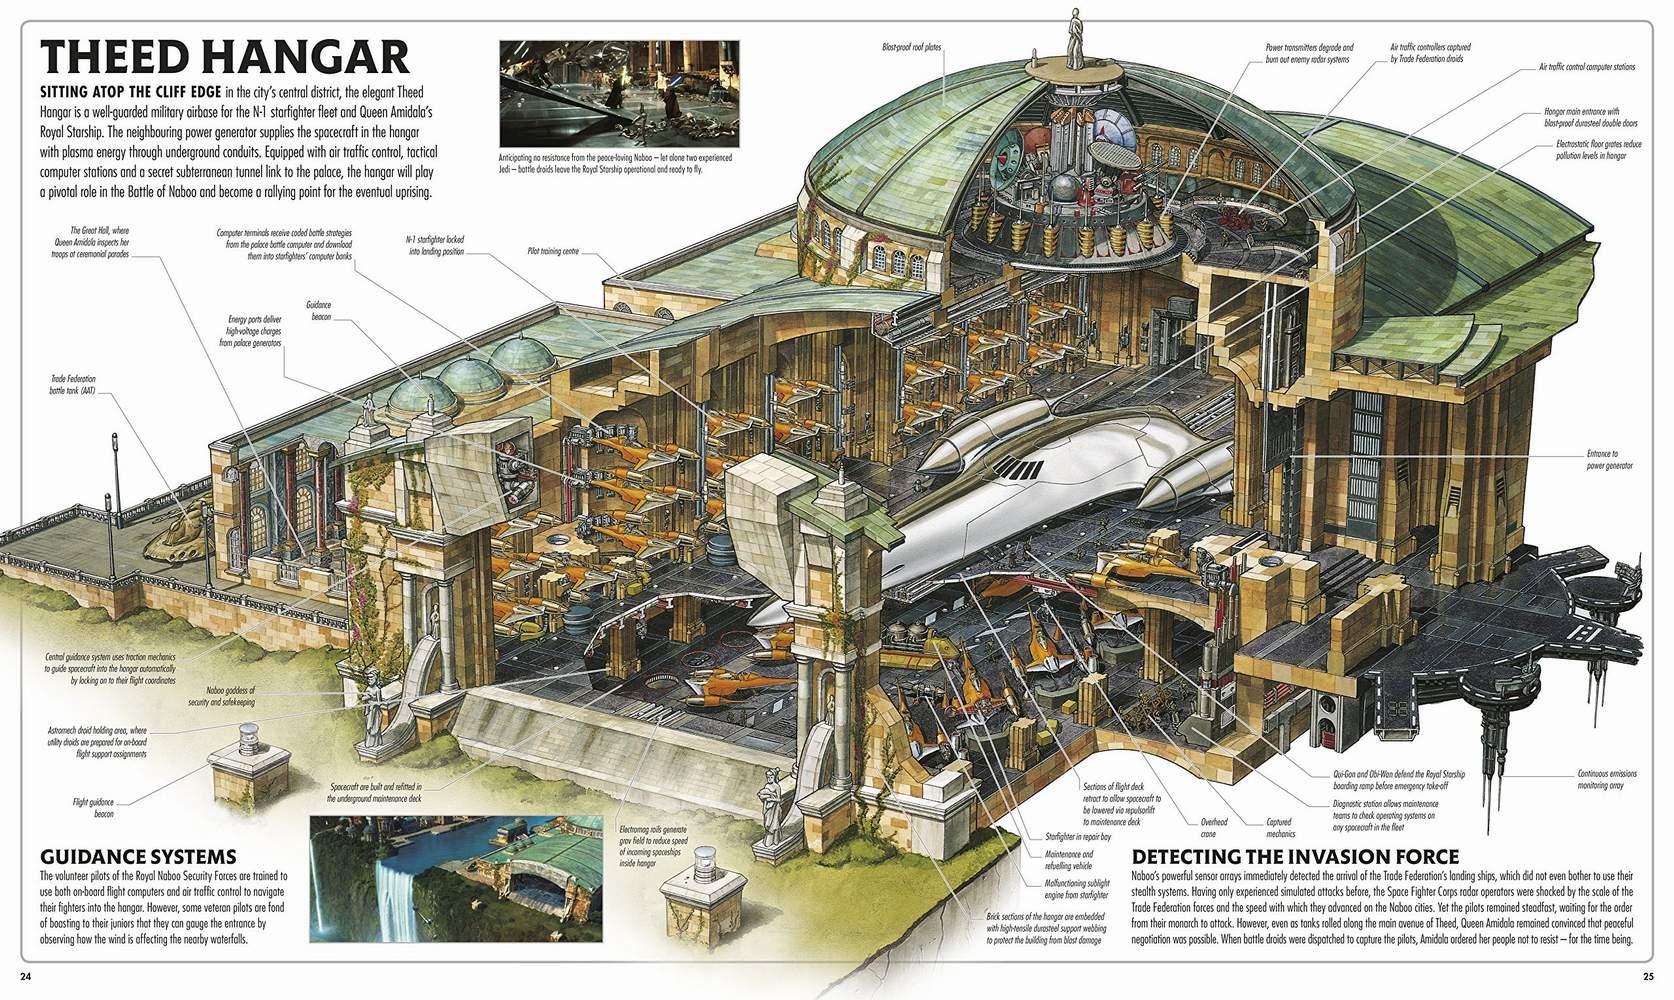 Les lieux embl matiques de la saga star wars litt rature star wars universe - Drop shipping home decor plan ...